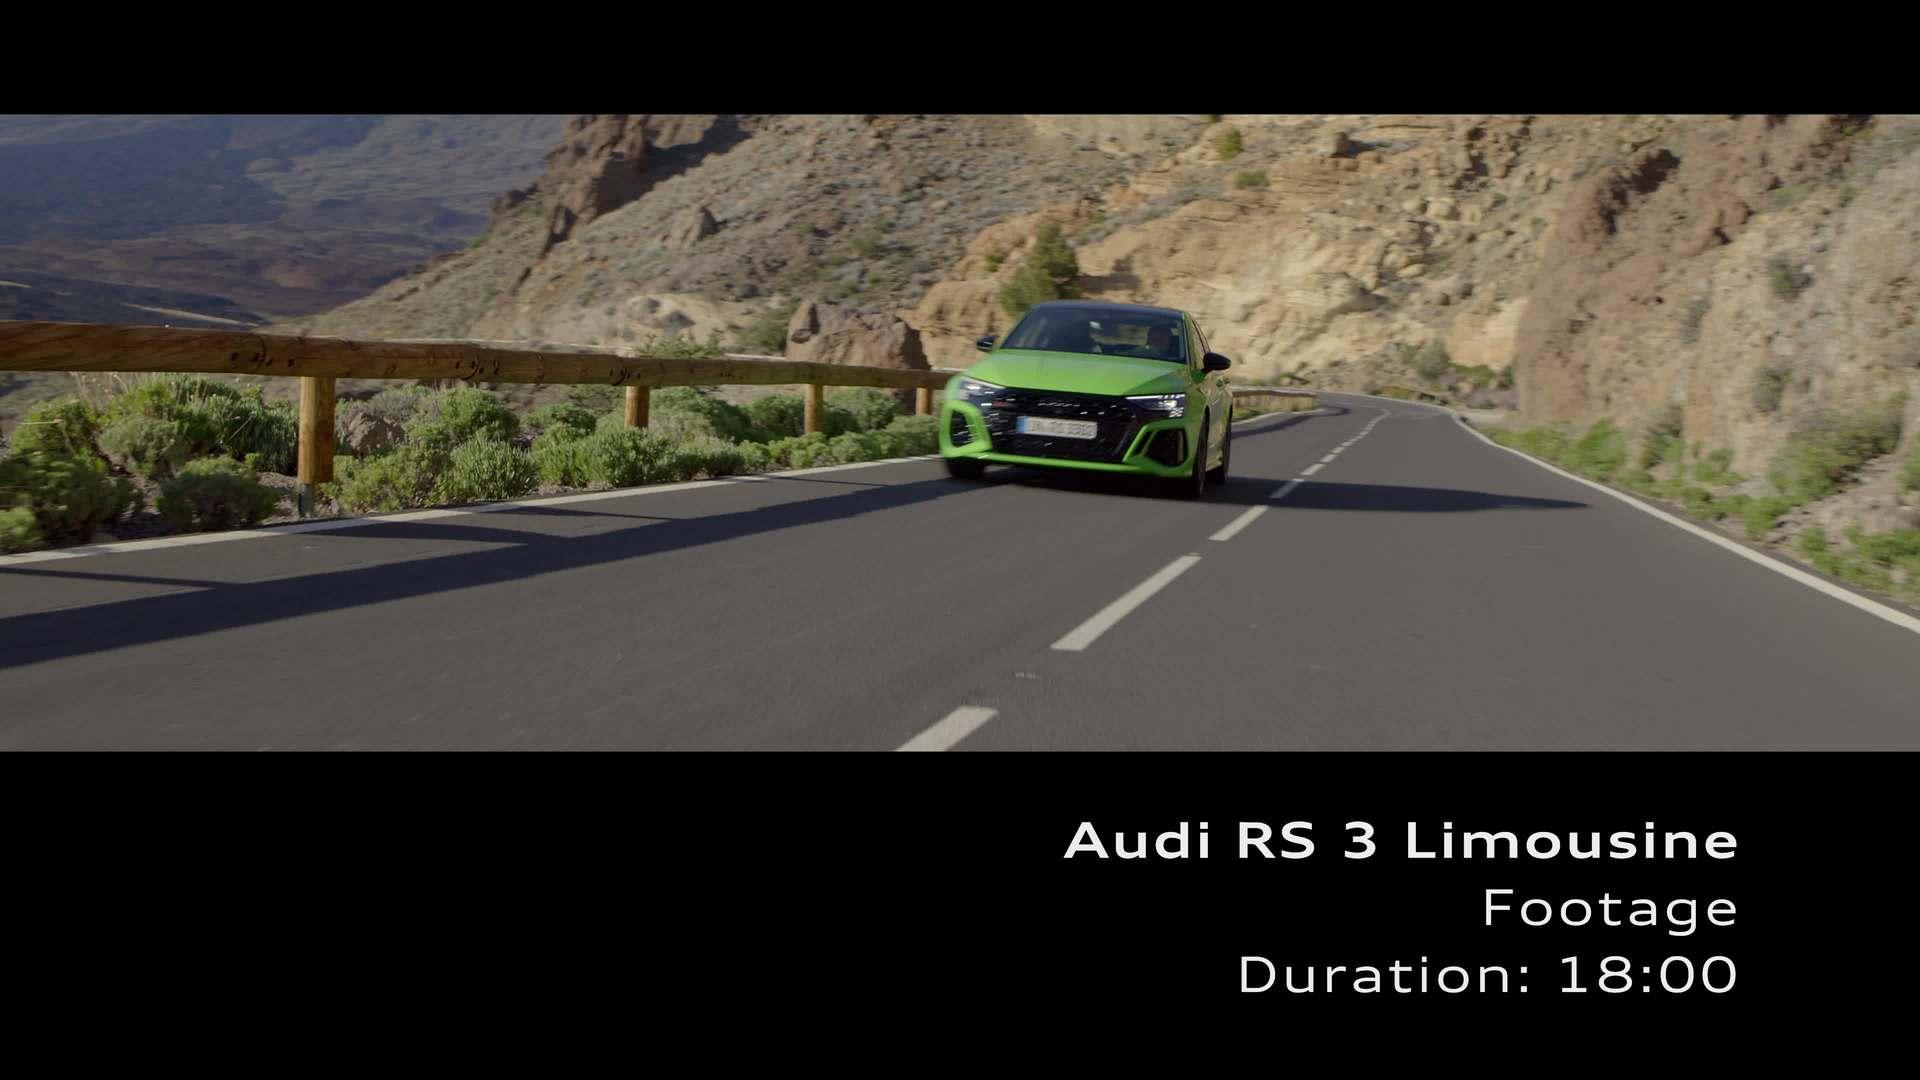 Footage: RS 3 Sedan on Location